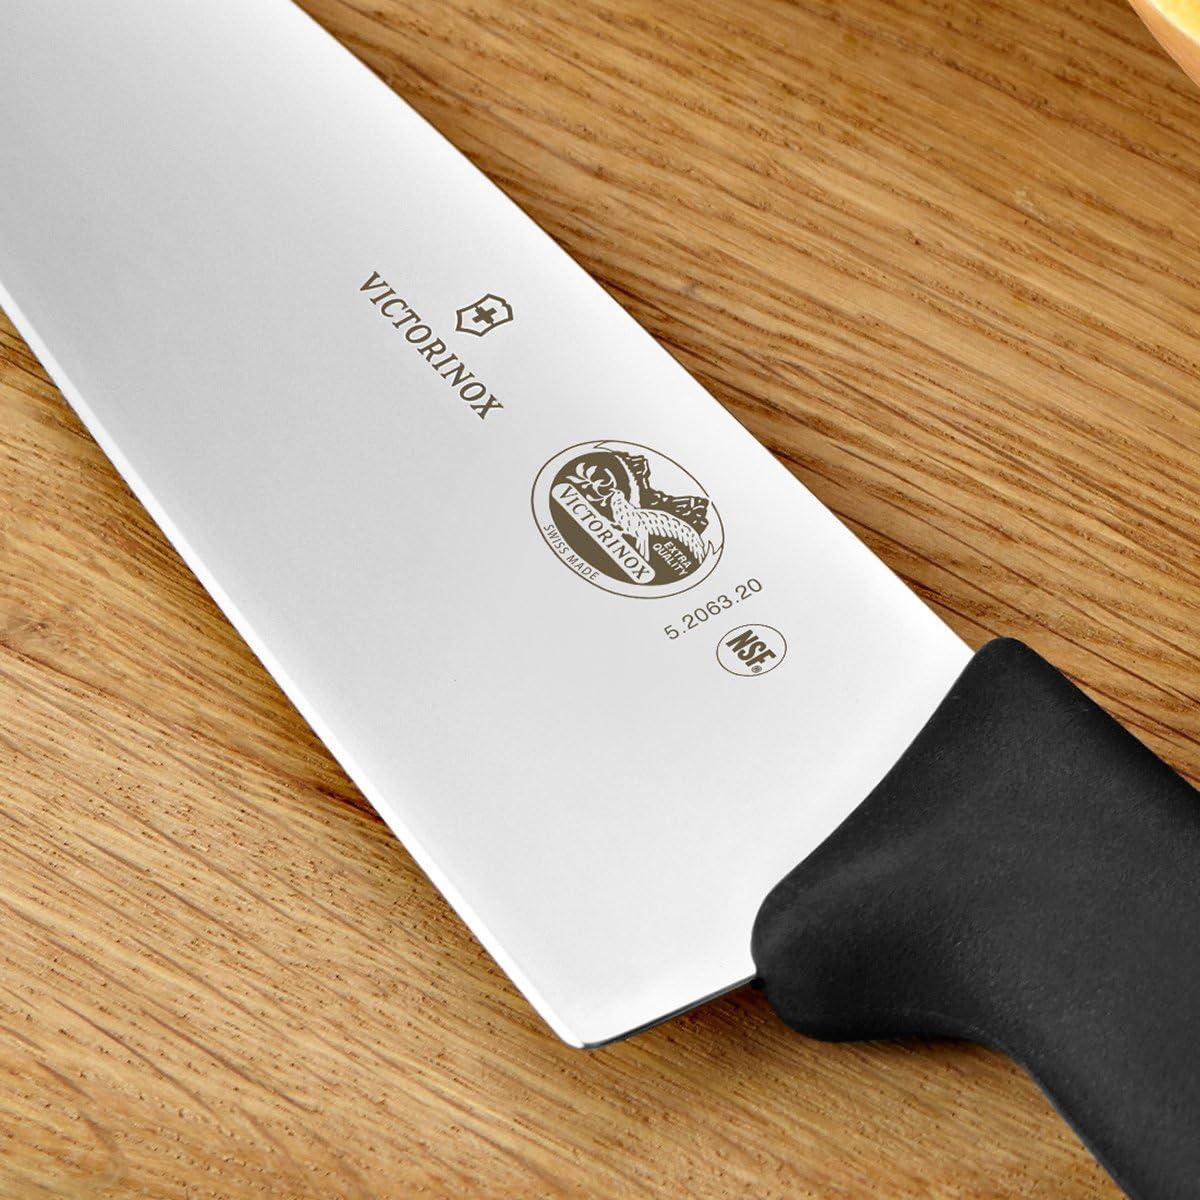 blade quality of the Fibrox